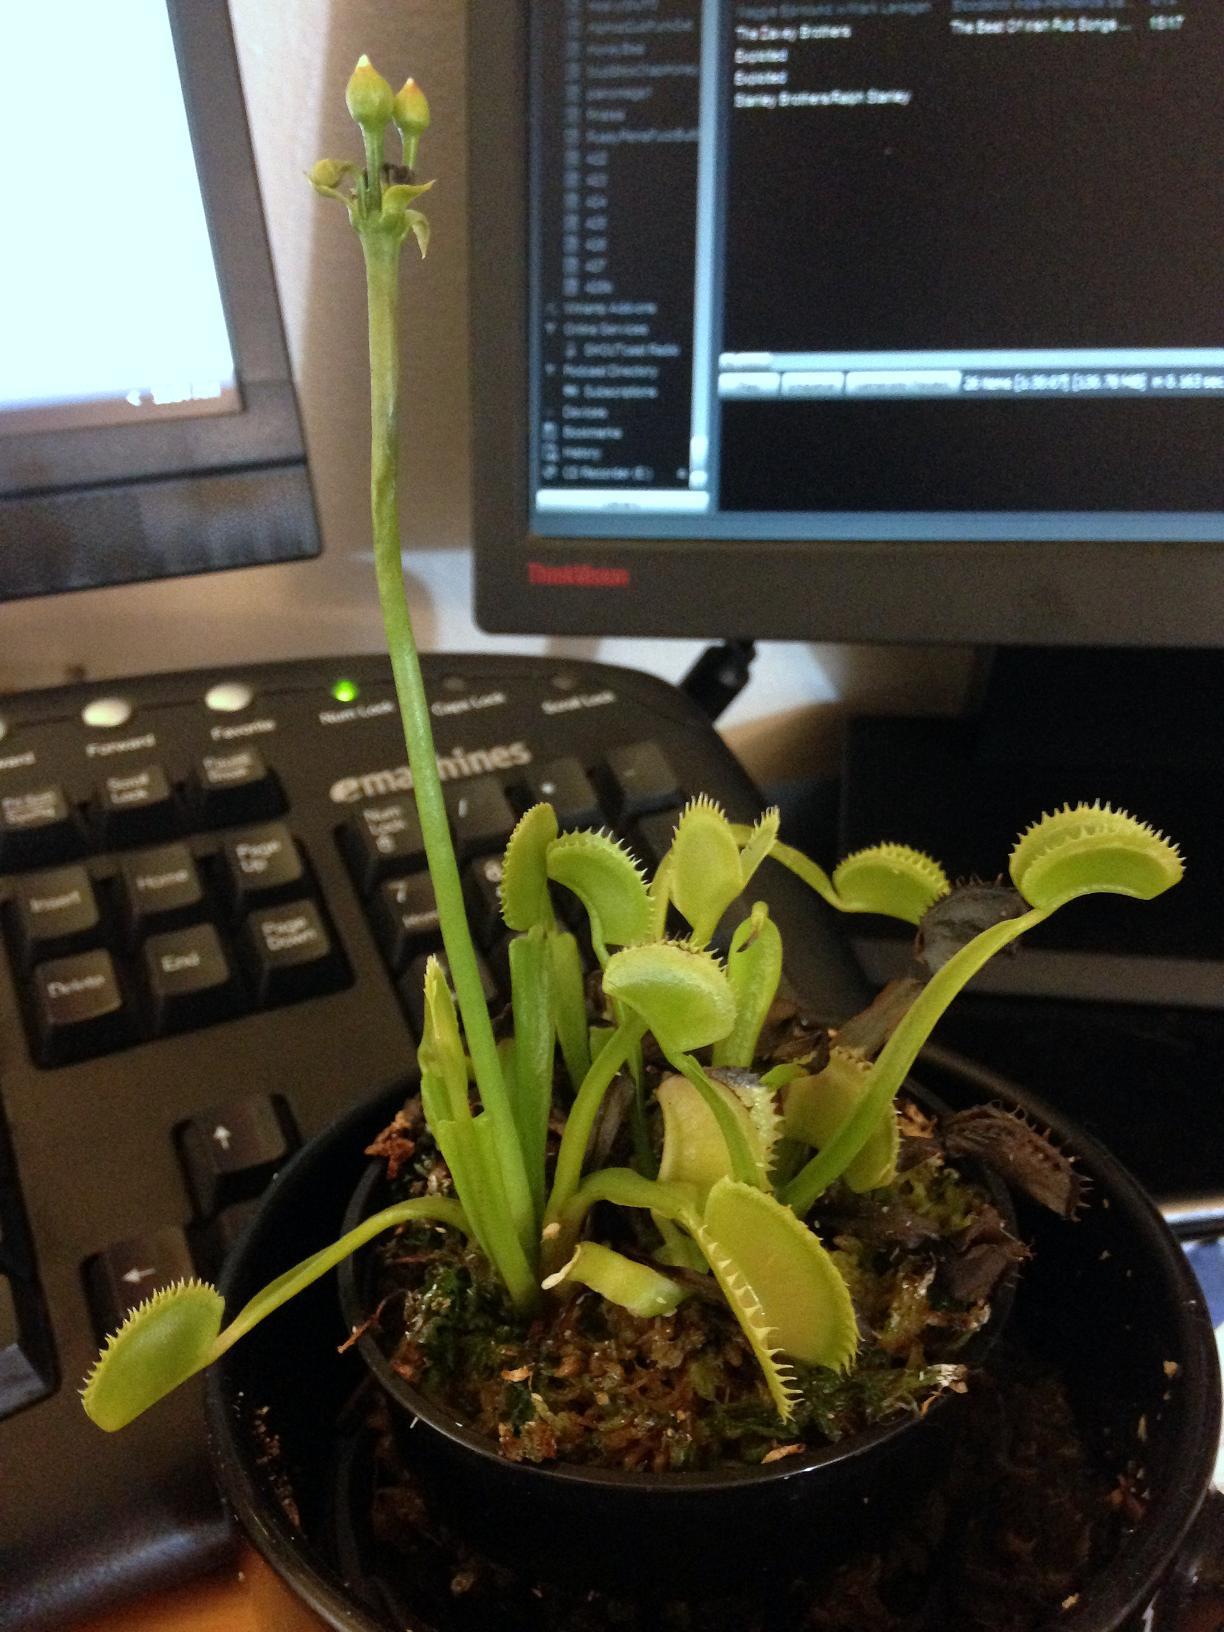 venus flytrap in a cup